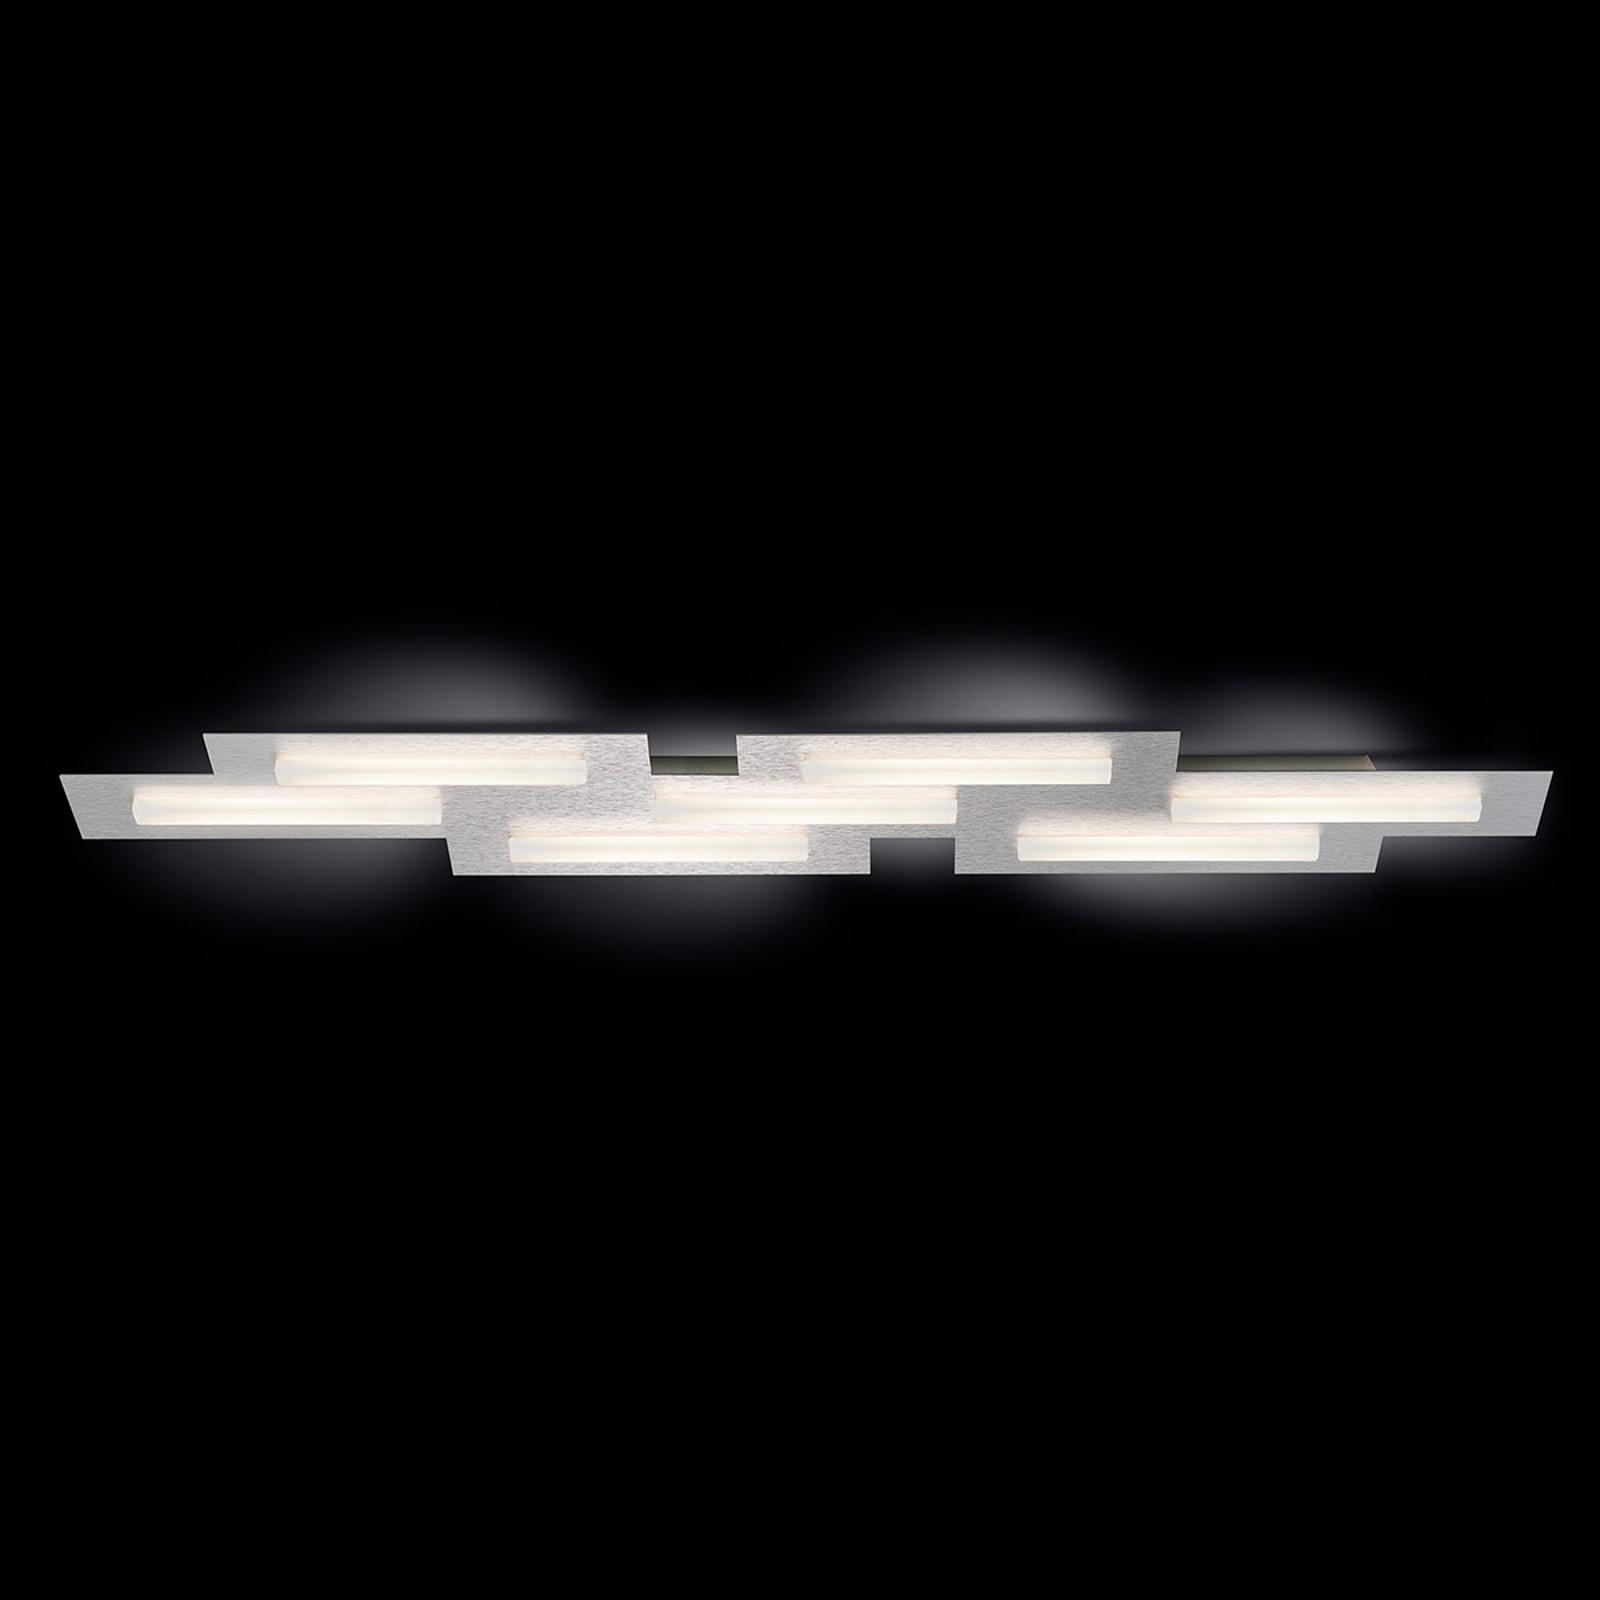 GROSSMANN Fis lampa sufitowa LED, geometryczna